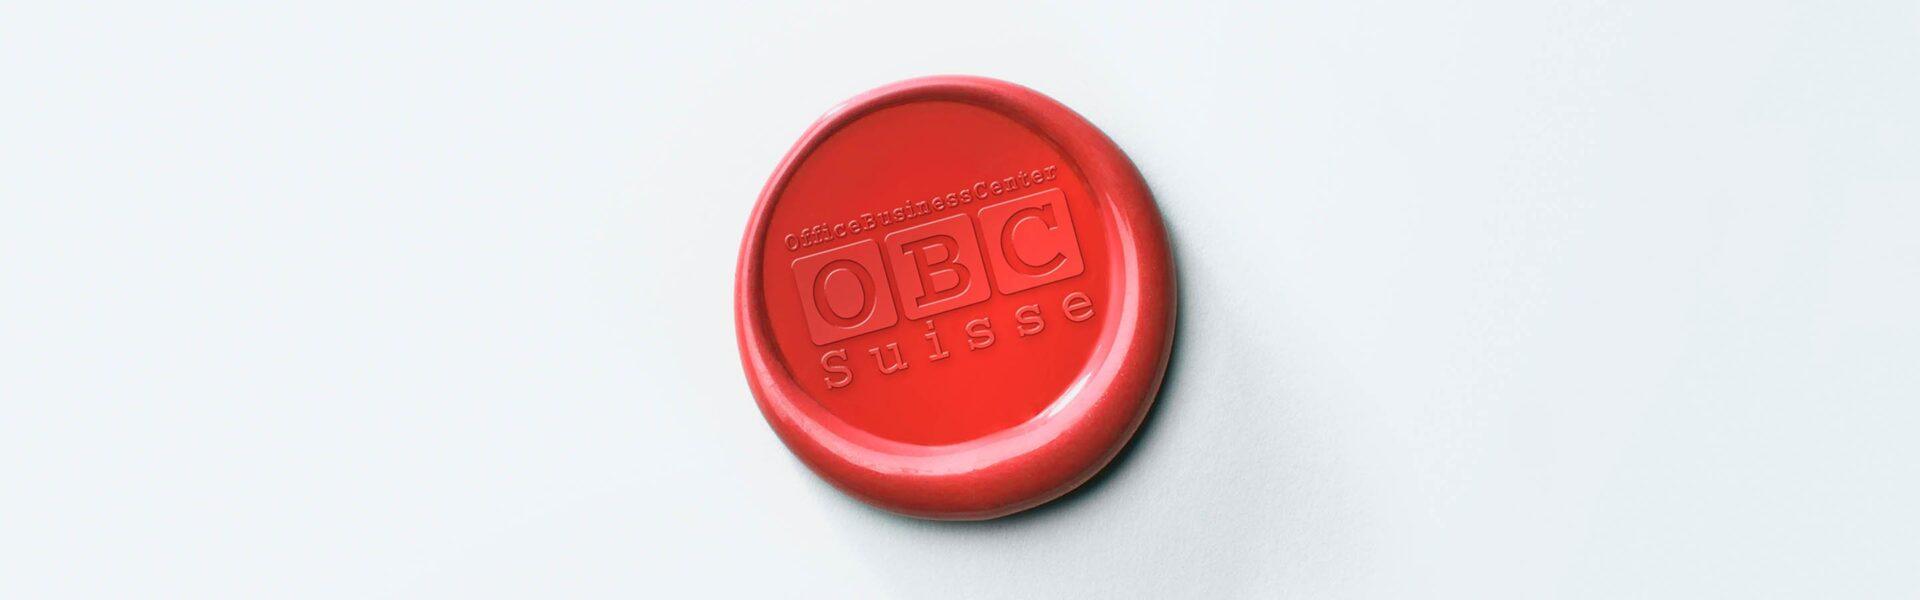 OBC Suisse